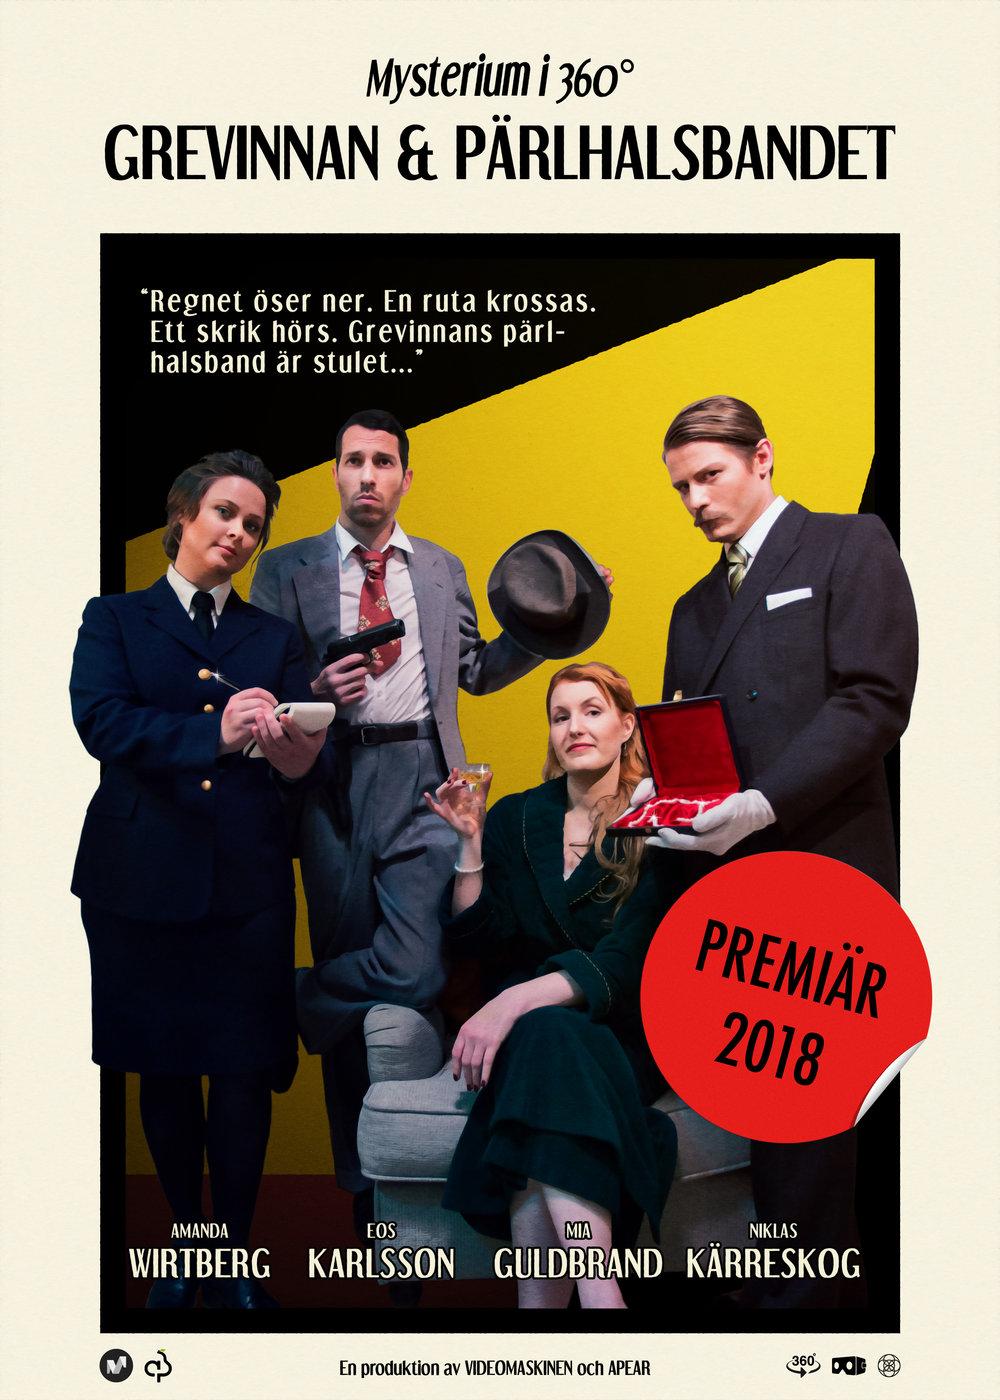 Grevinnan och pärlhalsbandet poster - premiär 2018